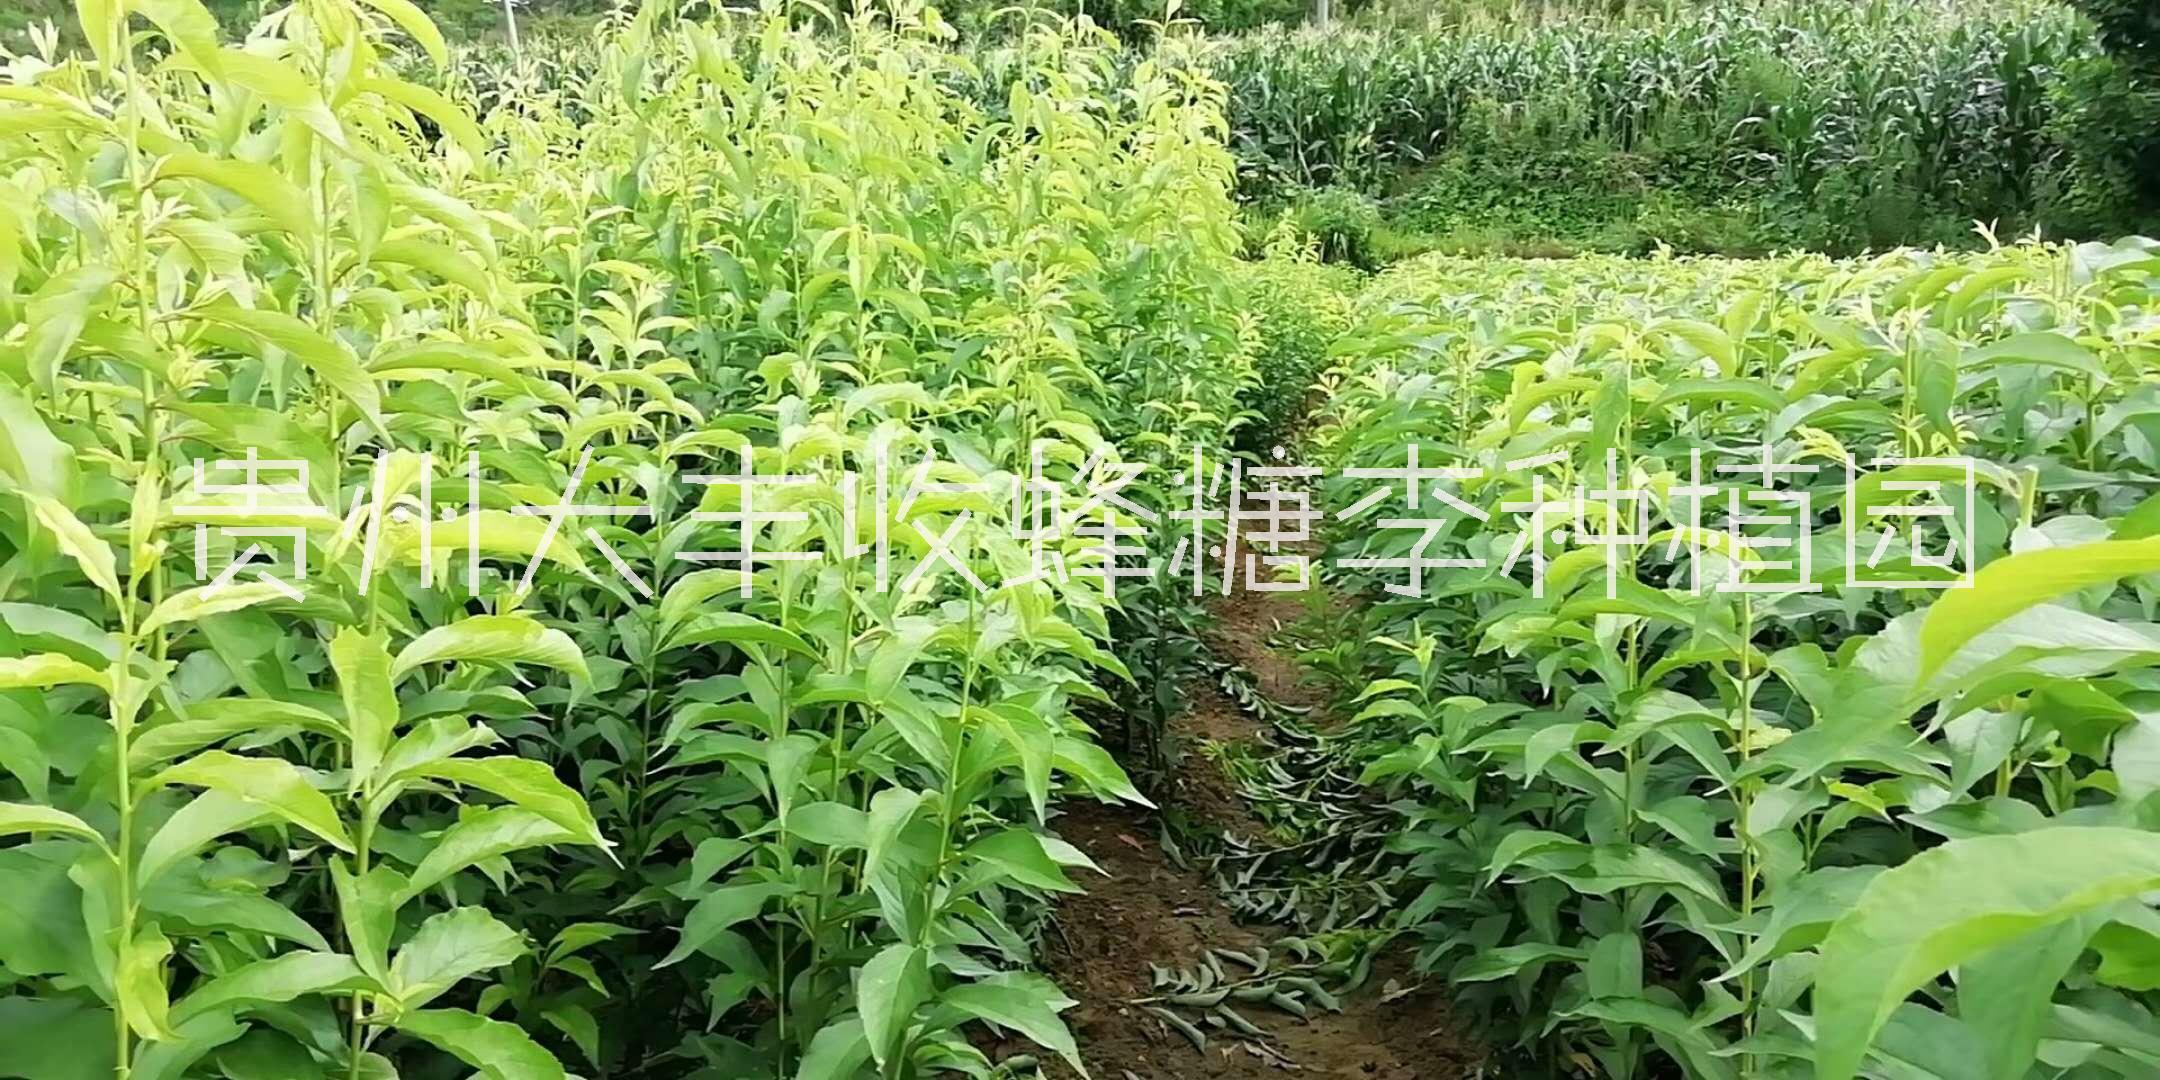 广元优质蜂糖李树苗种植基地,遂宁专业培育蜂糖李果树苗基地电话,遂宁哪里有蜂糖李苗卖